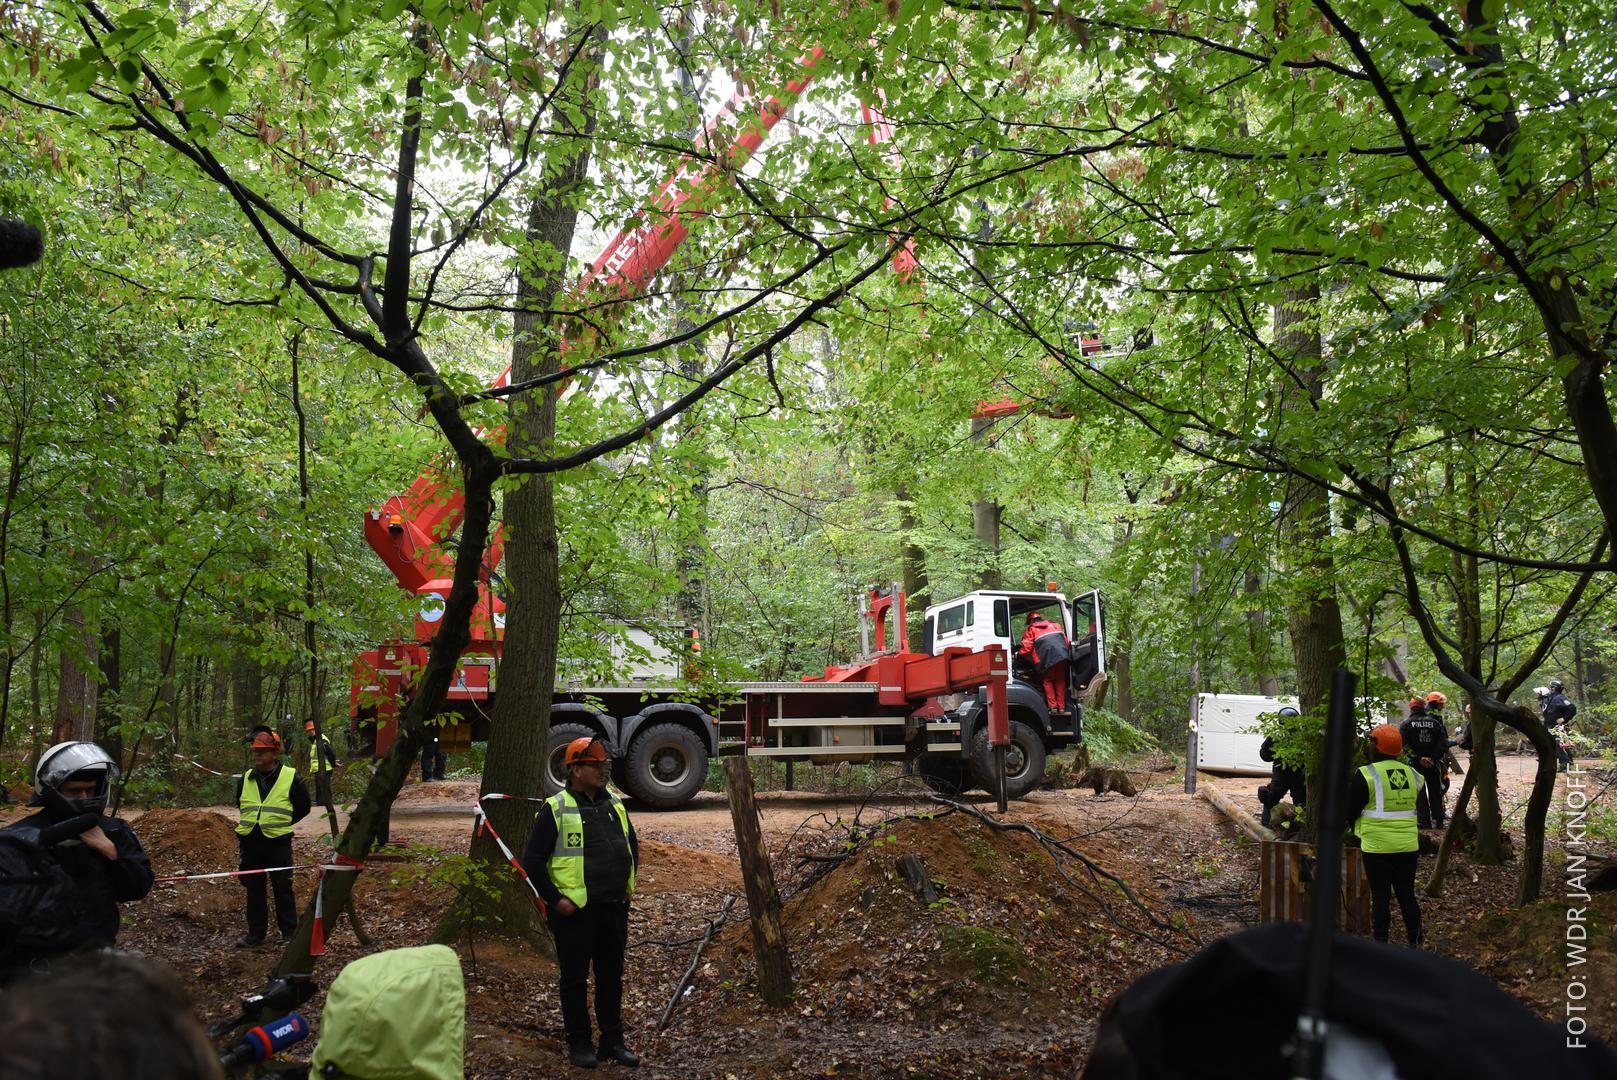 Hebebühne im Hambacher Forst